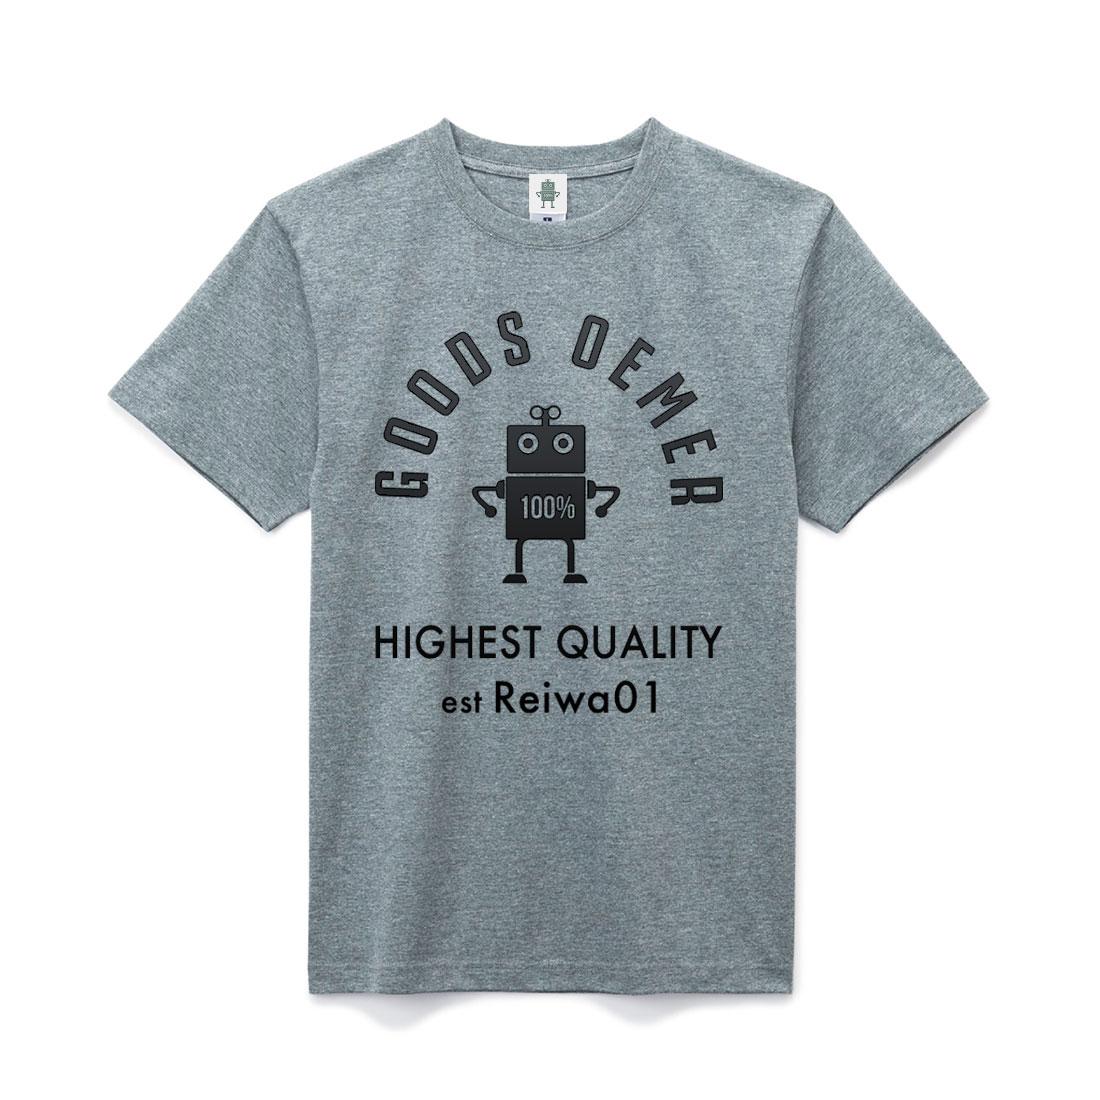 ヘヴィーコットン Tシャツ グレー